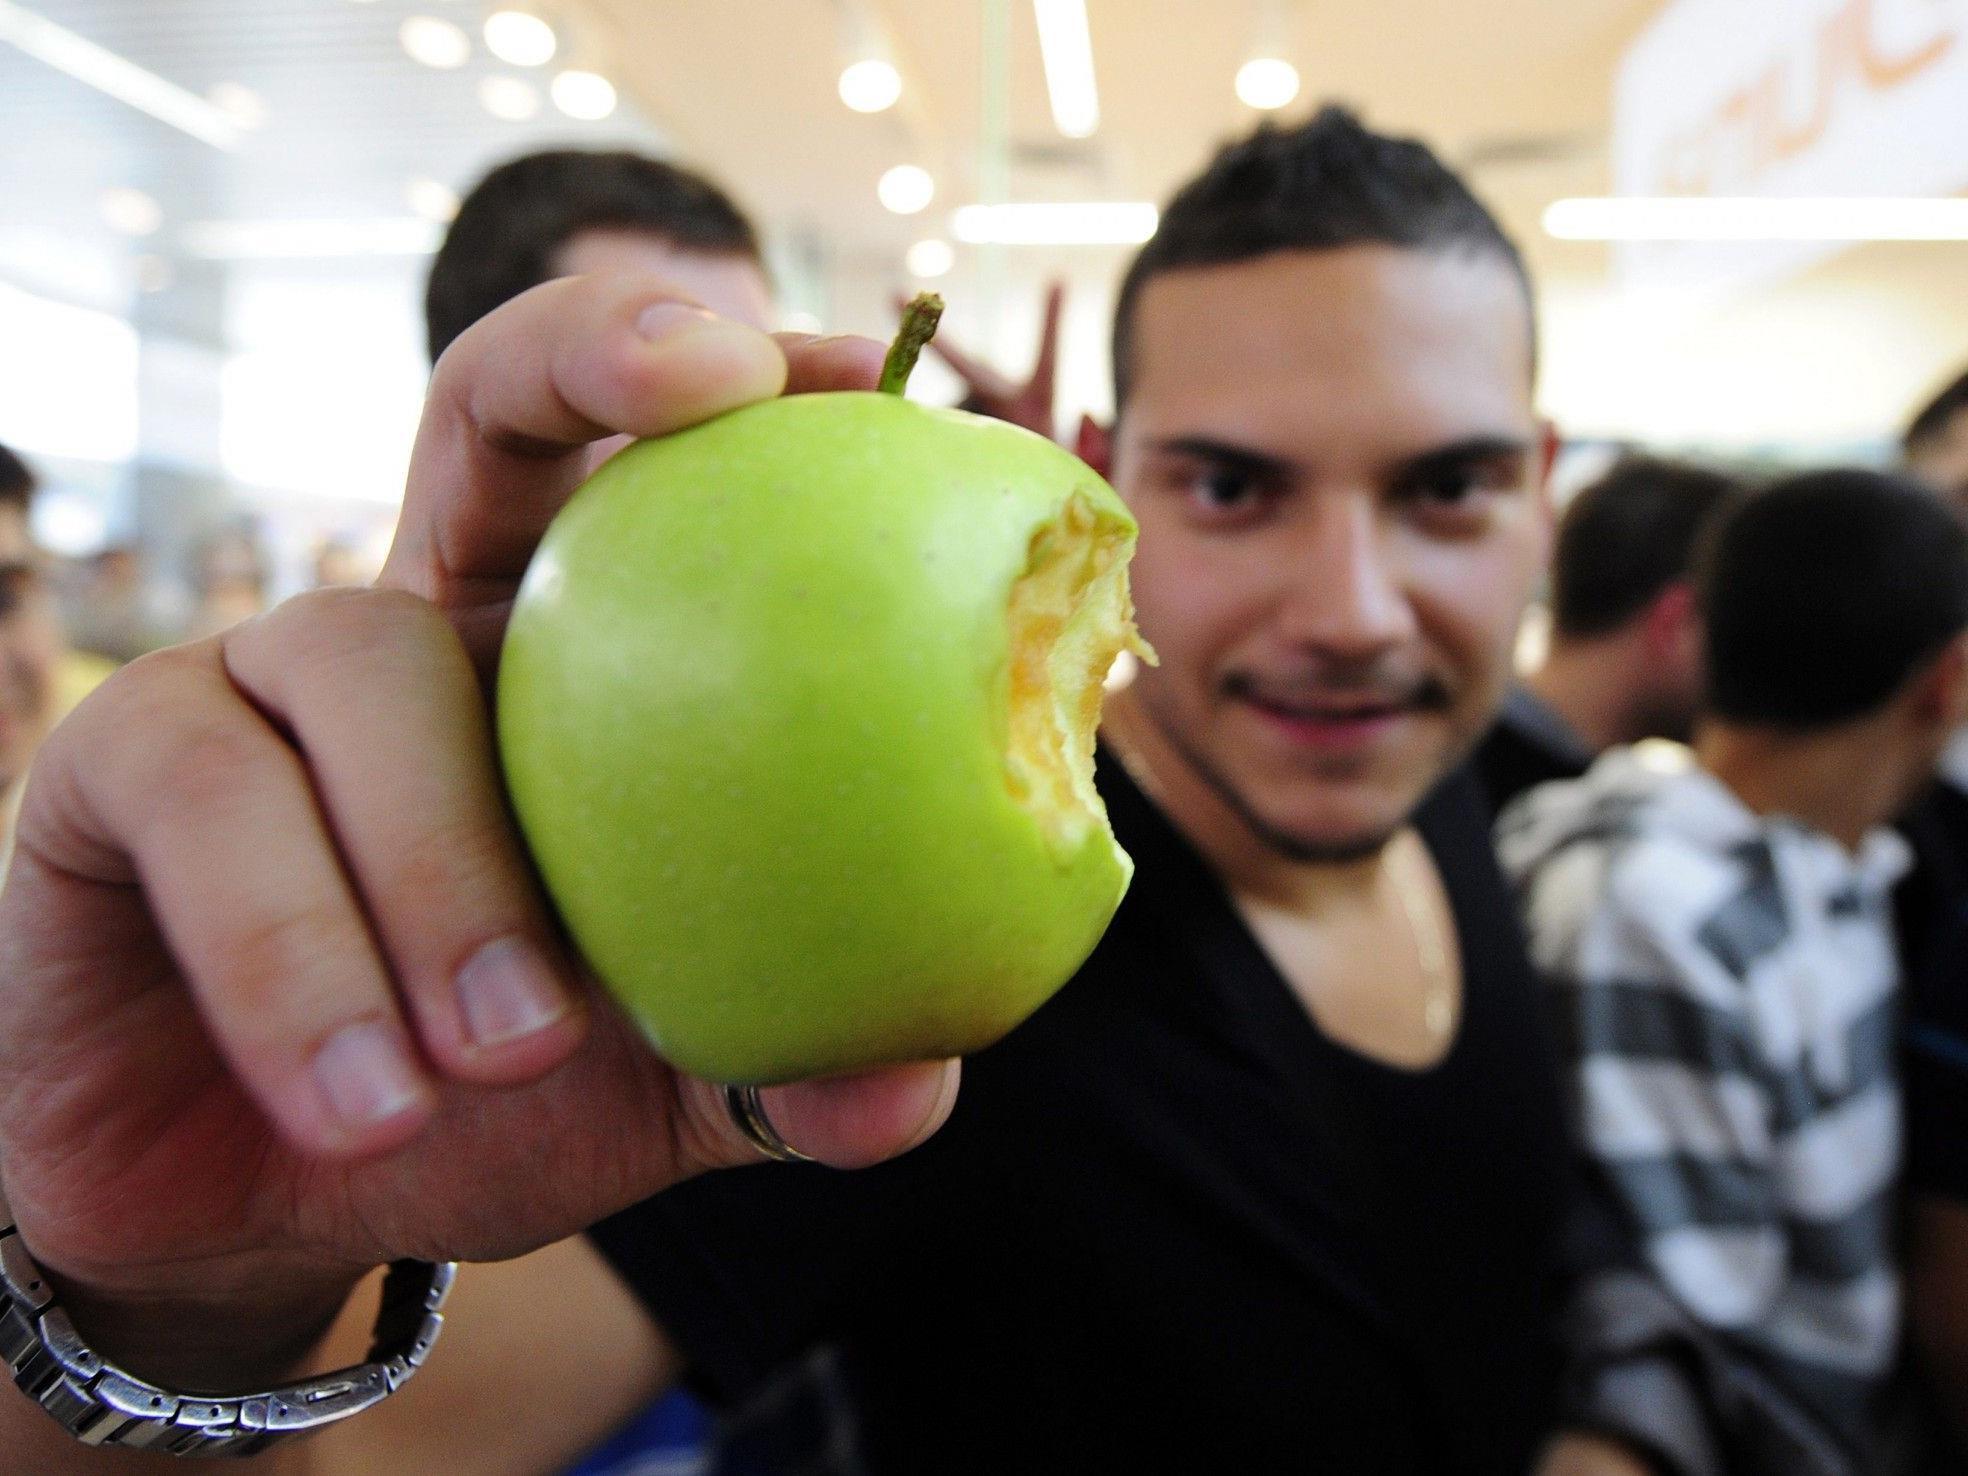 Der angebissene Apfel könnte für Appel zum Problem in Russland werden.